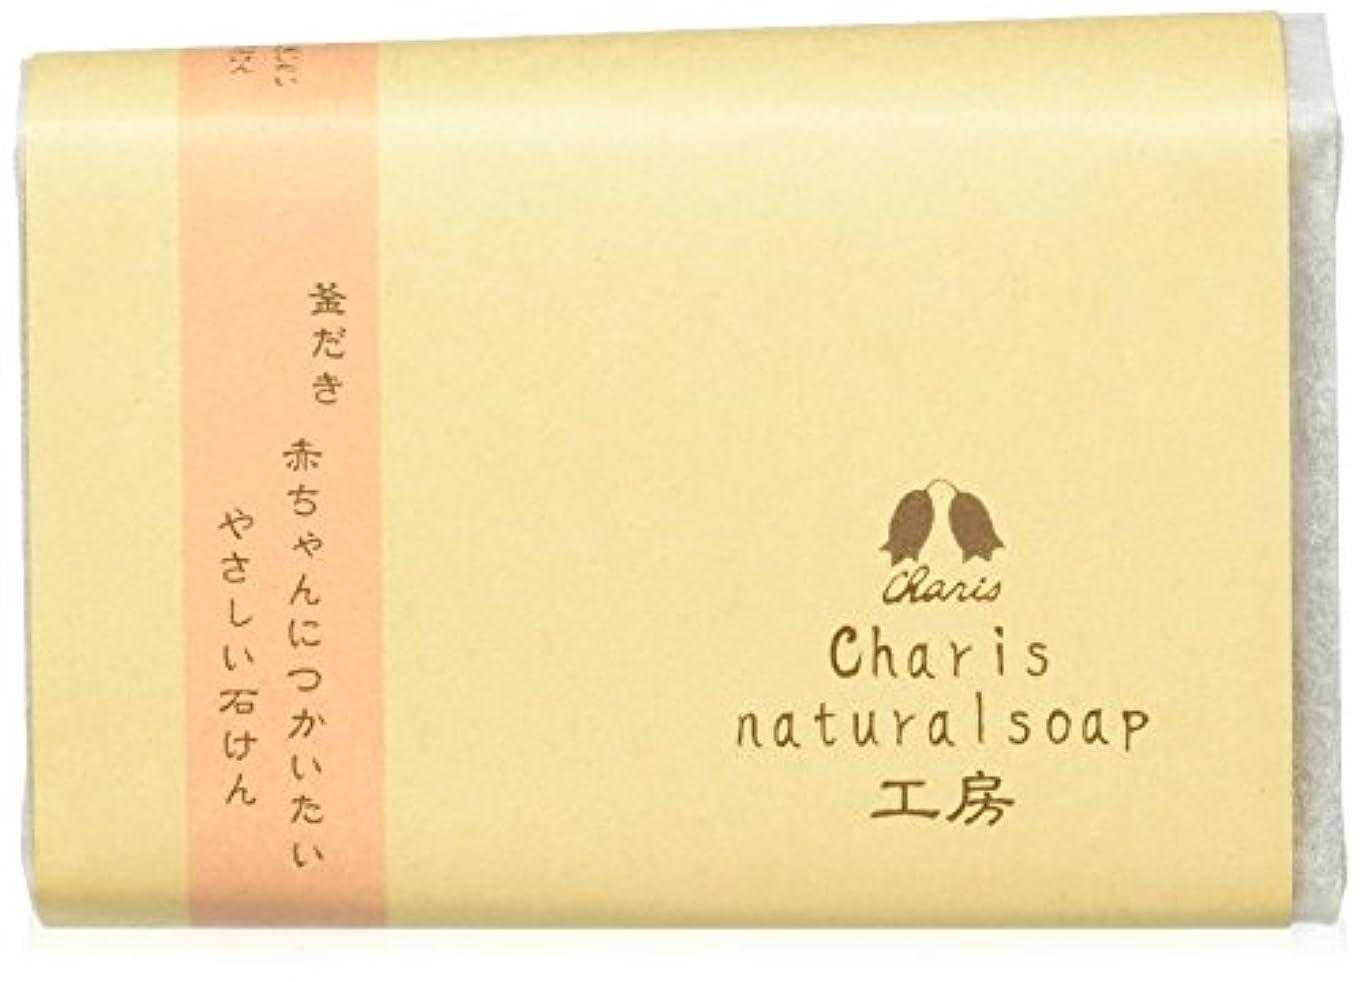 変色する文歌うカリス ナチュラルソープ工房 赤ちゃんにつかいたいやさしい石鹸 90g [釜炊き製法]